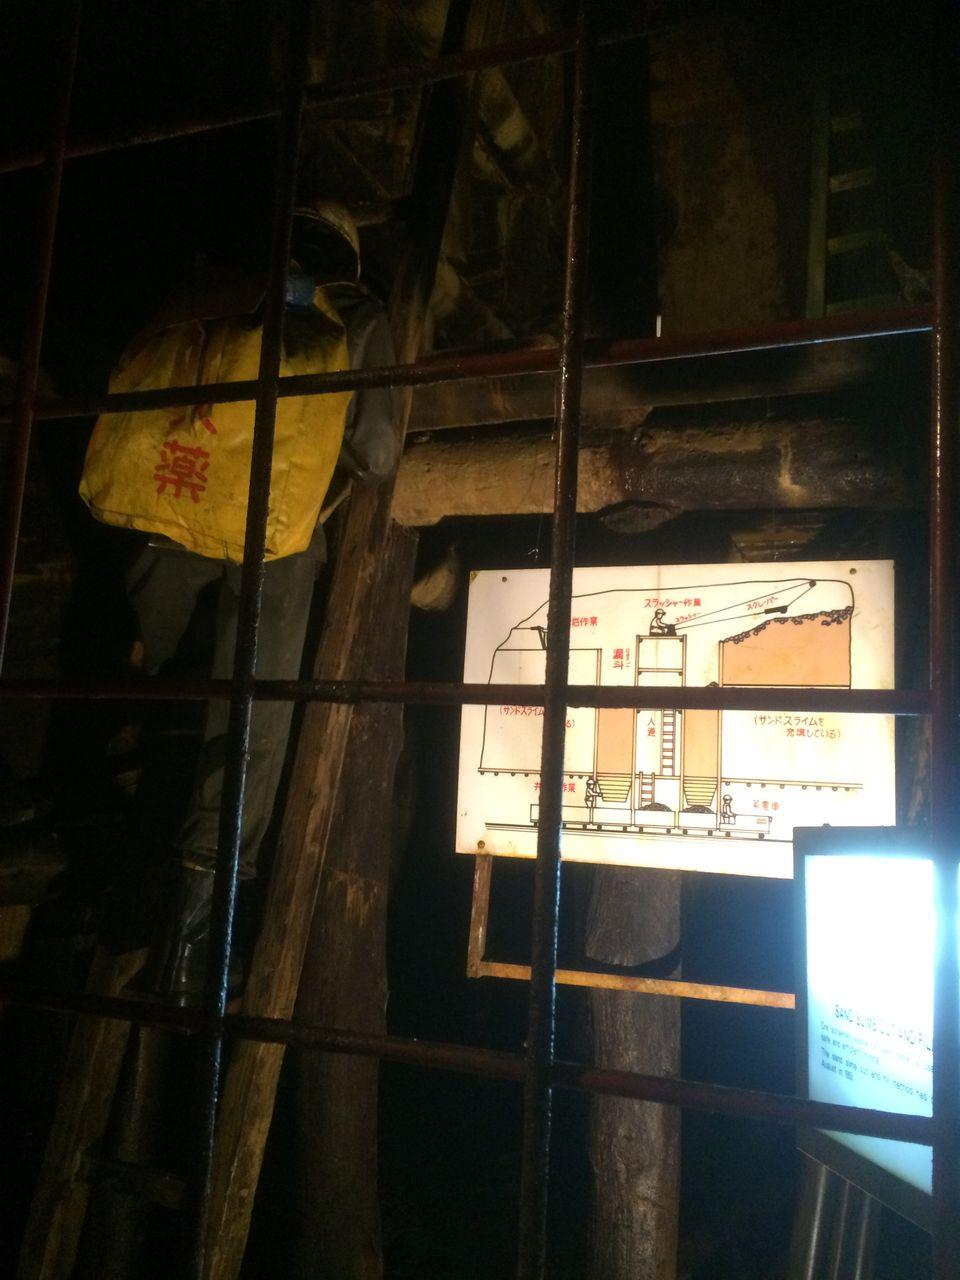 鉱山見学 (11)